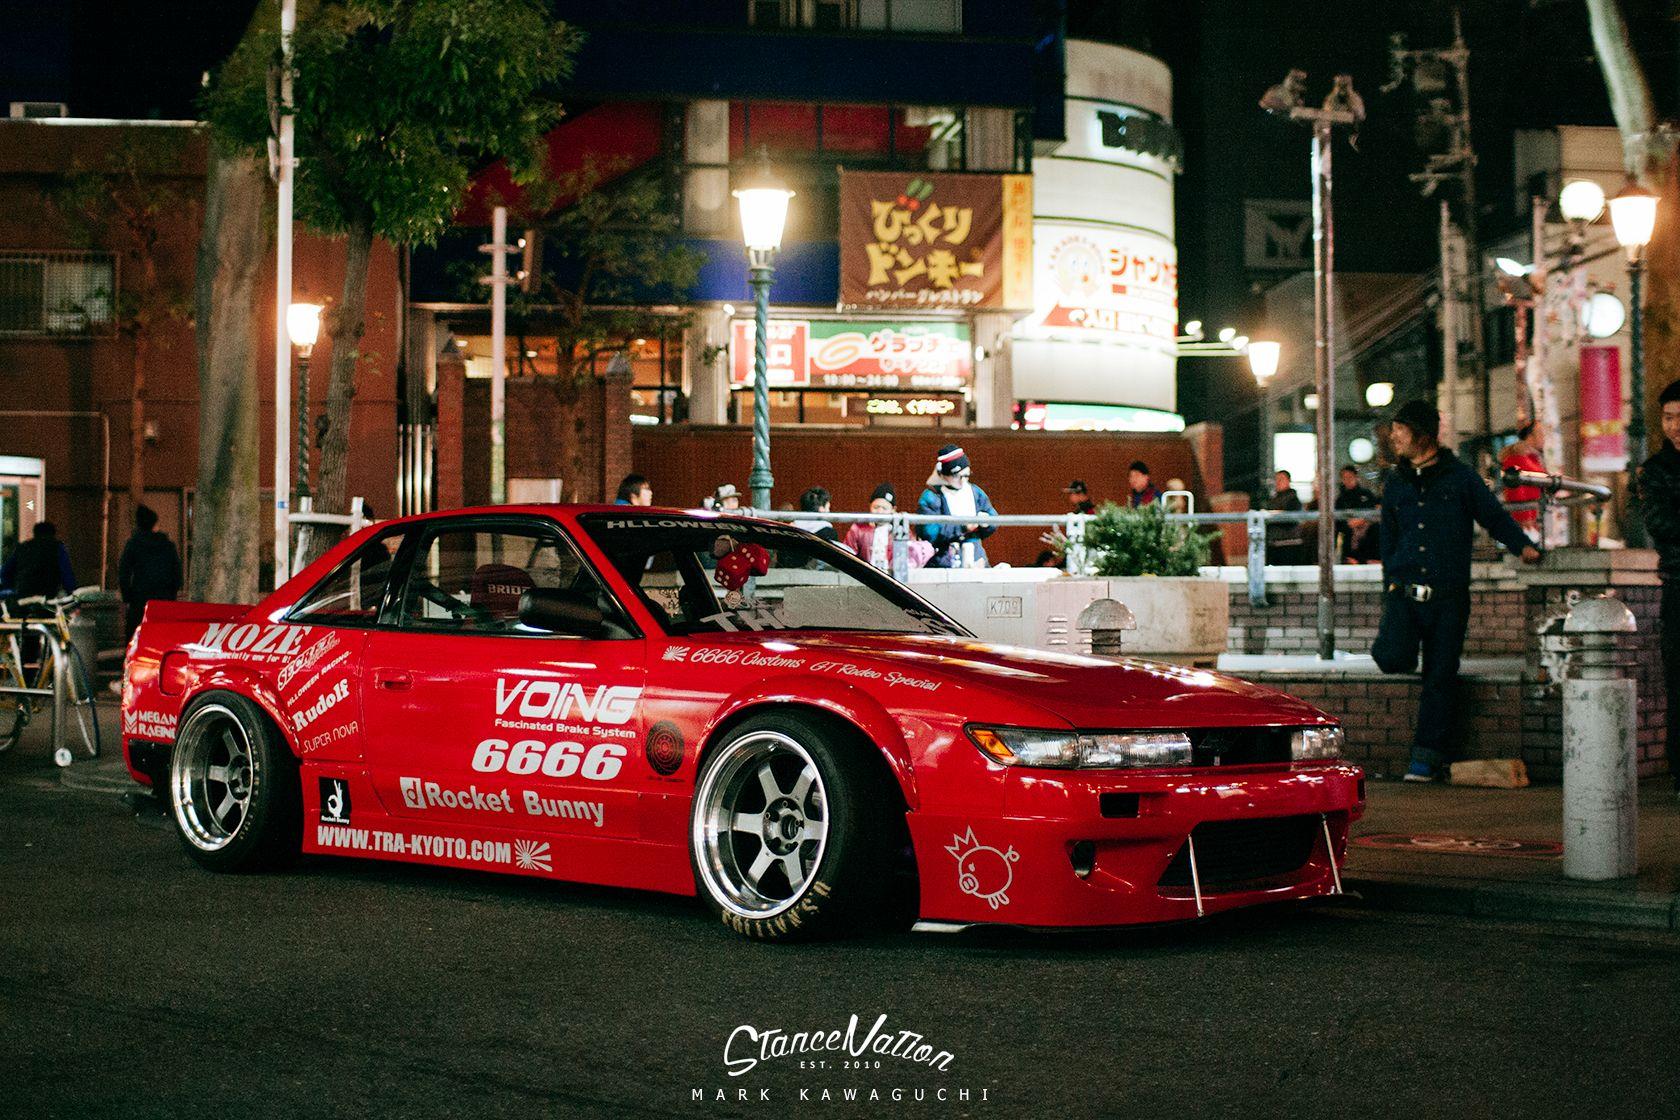 Timeless Beauty // Takashiu0027s Nissan Silvia